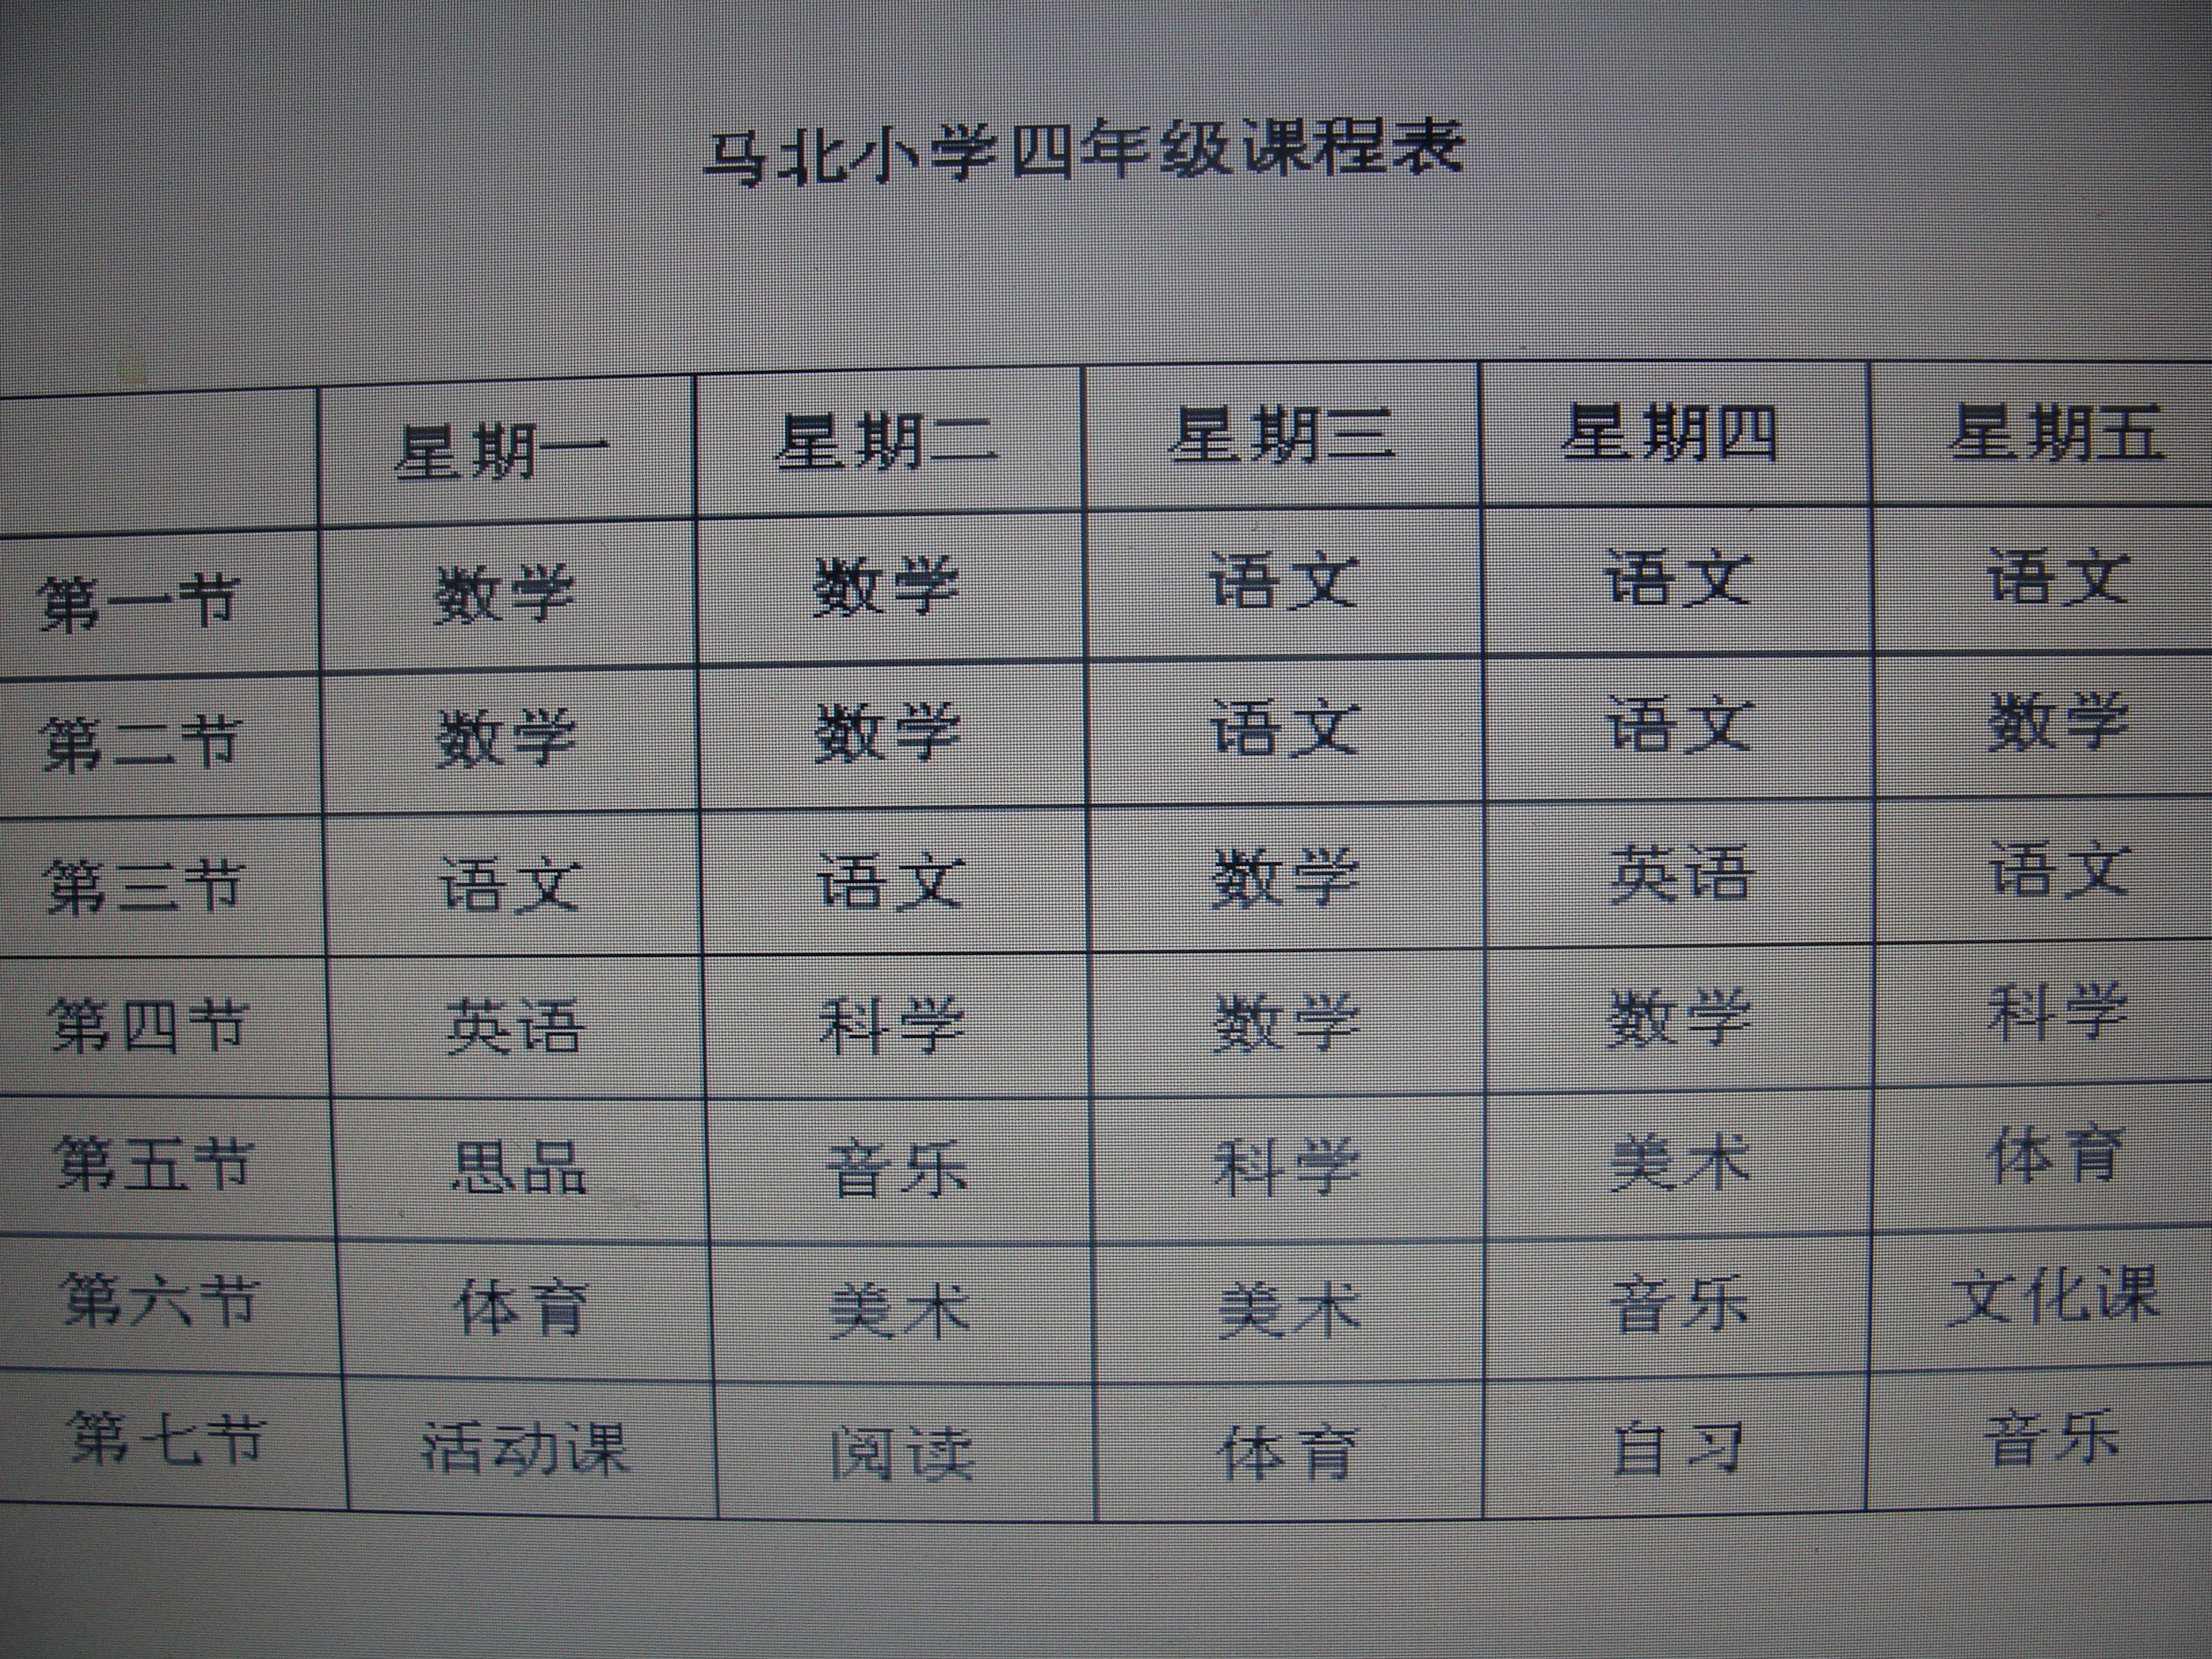 马北小学一年级课程表